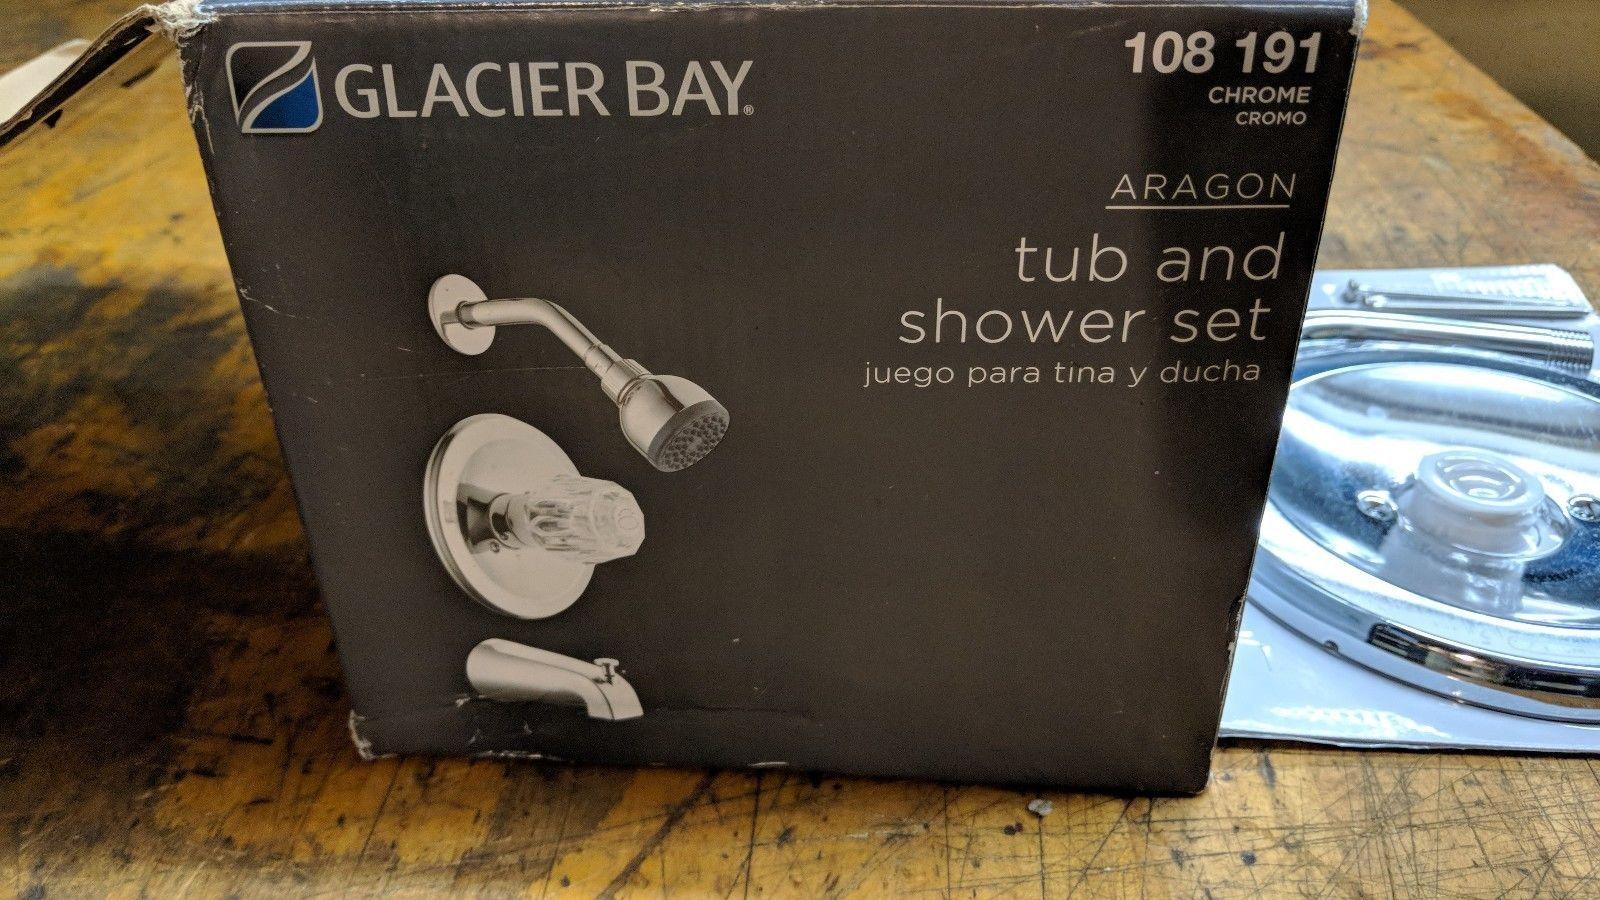 GLACIER BAY 108191 ARAGON TUB / SHOWER FAUCET 874-0101